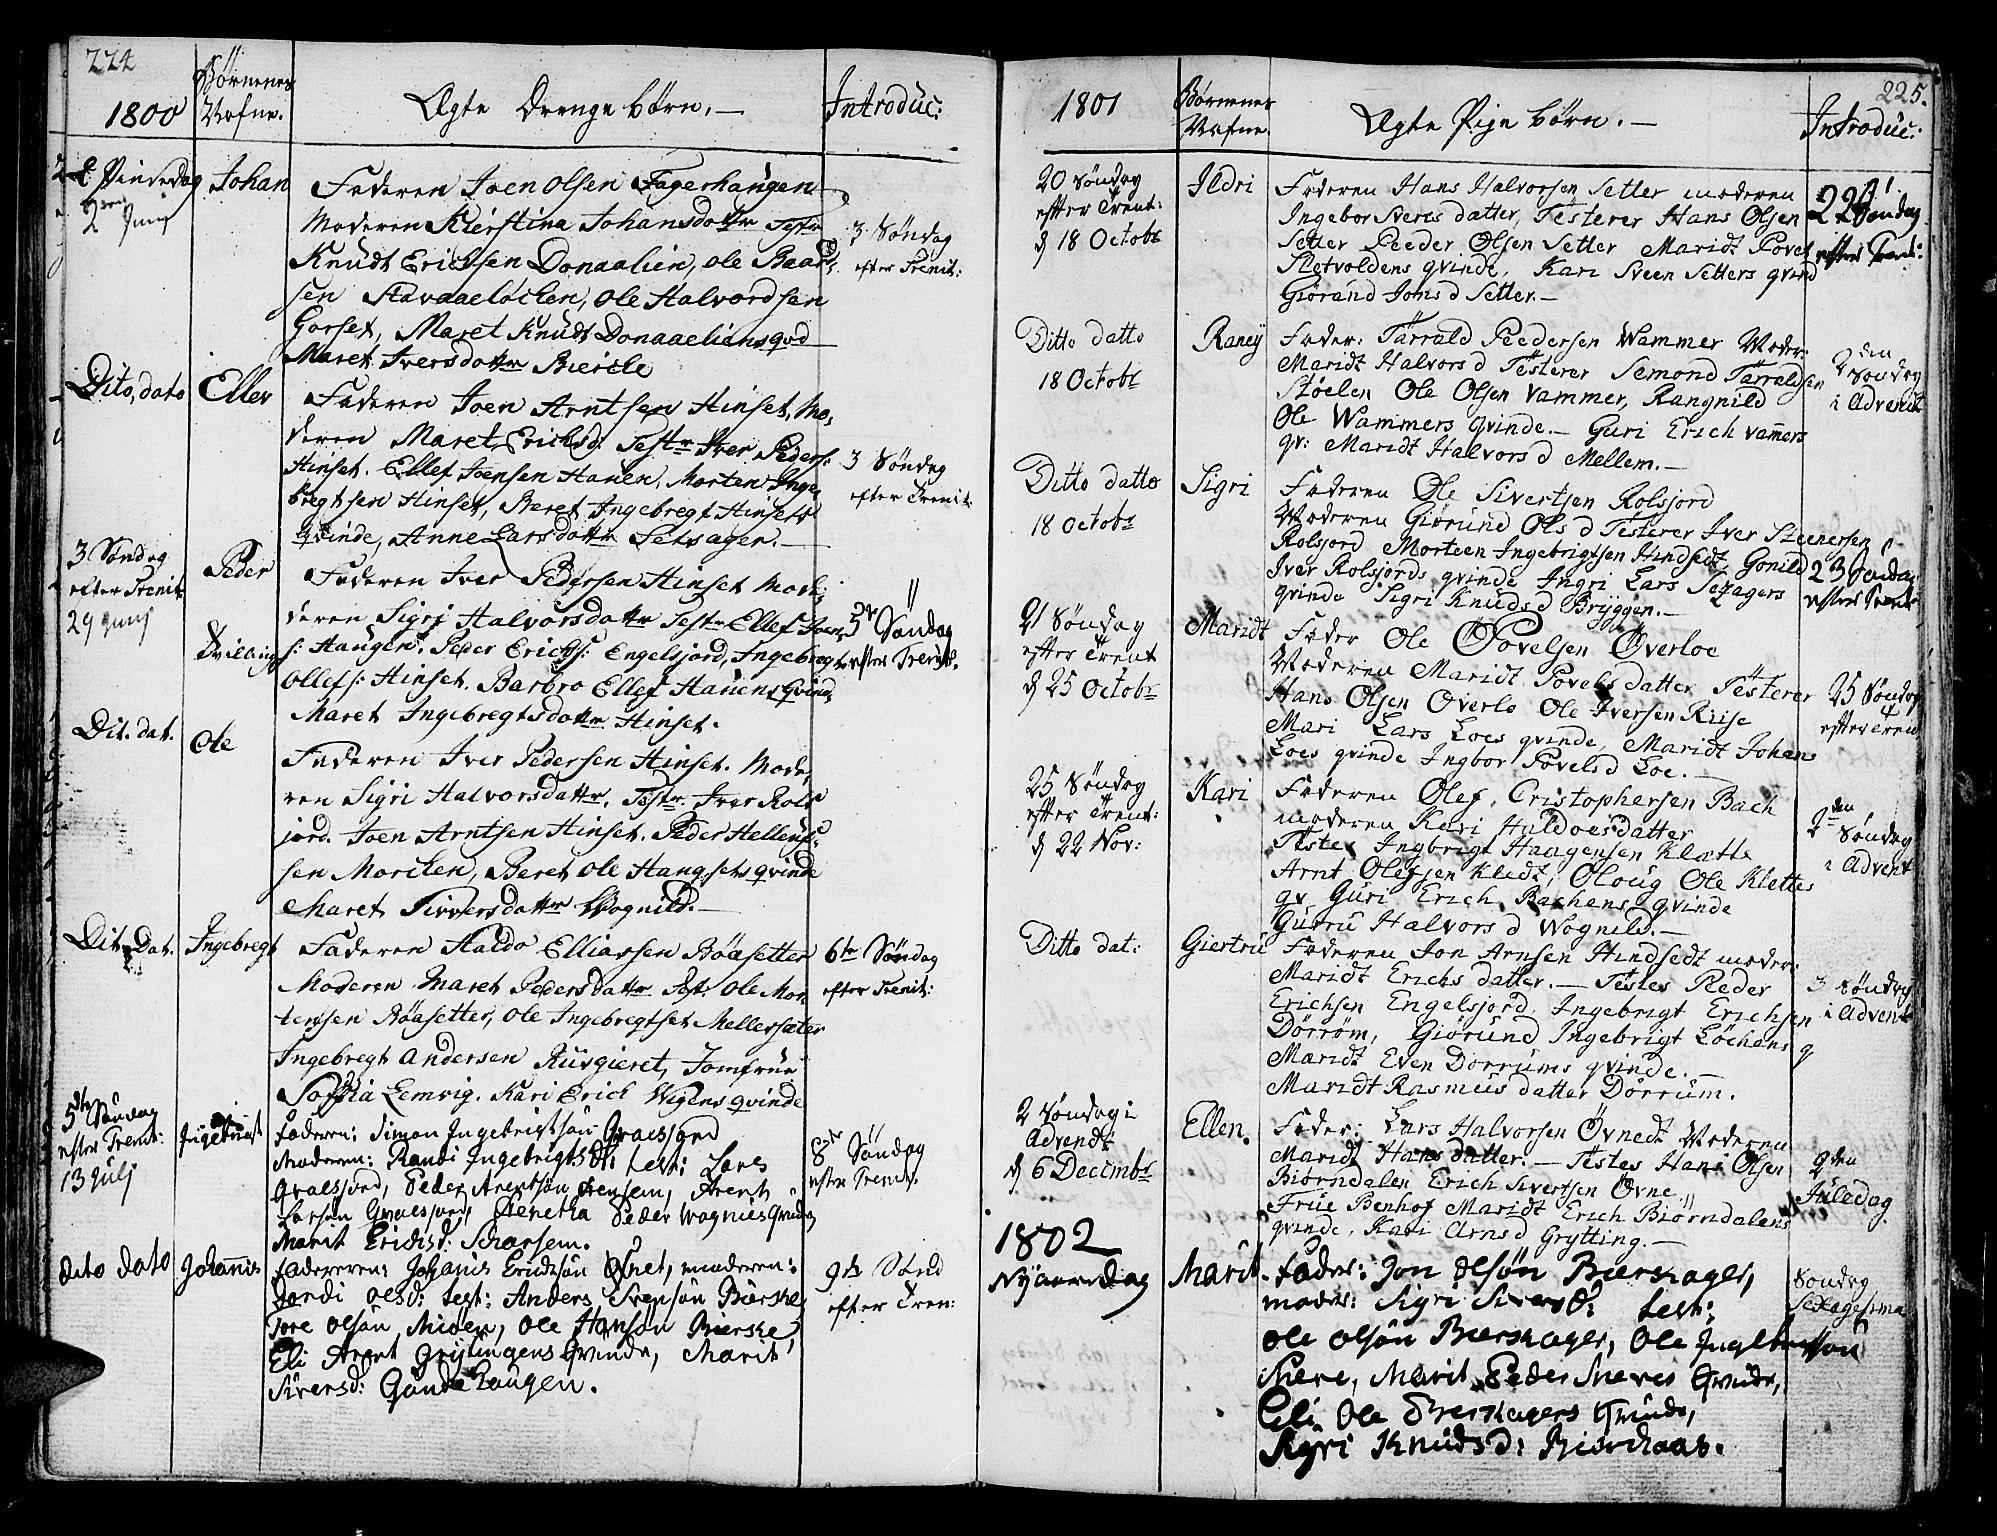 SAT, Ministerialprotokoller, klokkerbøker og fødselsregistre - Sør-Trøndelag, 678/L0893: Ministerialbok nr. 678A03, 1792-1805, s. 224-225